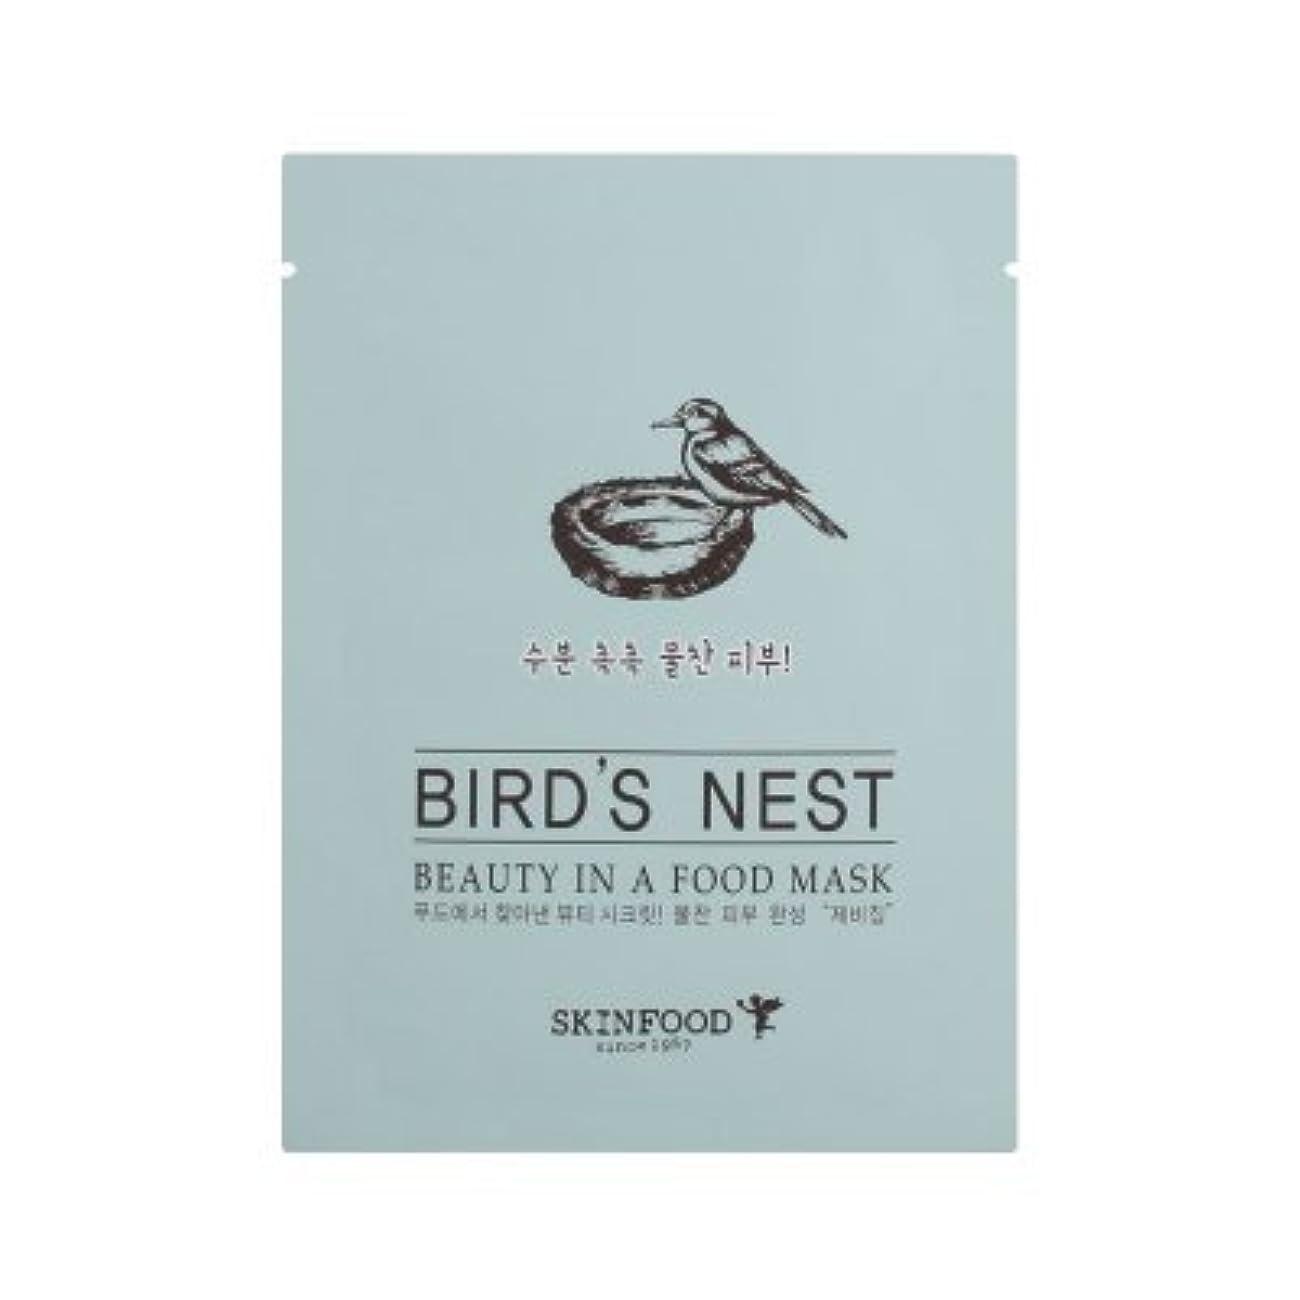 ぶら下がる破壊する余裕があるSKINFOOD Beauty in a Food Mask Sheet 5EA (BIRD'S NEST) / スキンフード ビューティー イン ア フード マスクシート [並行輸入品]